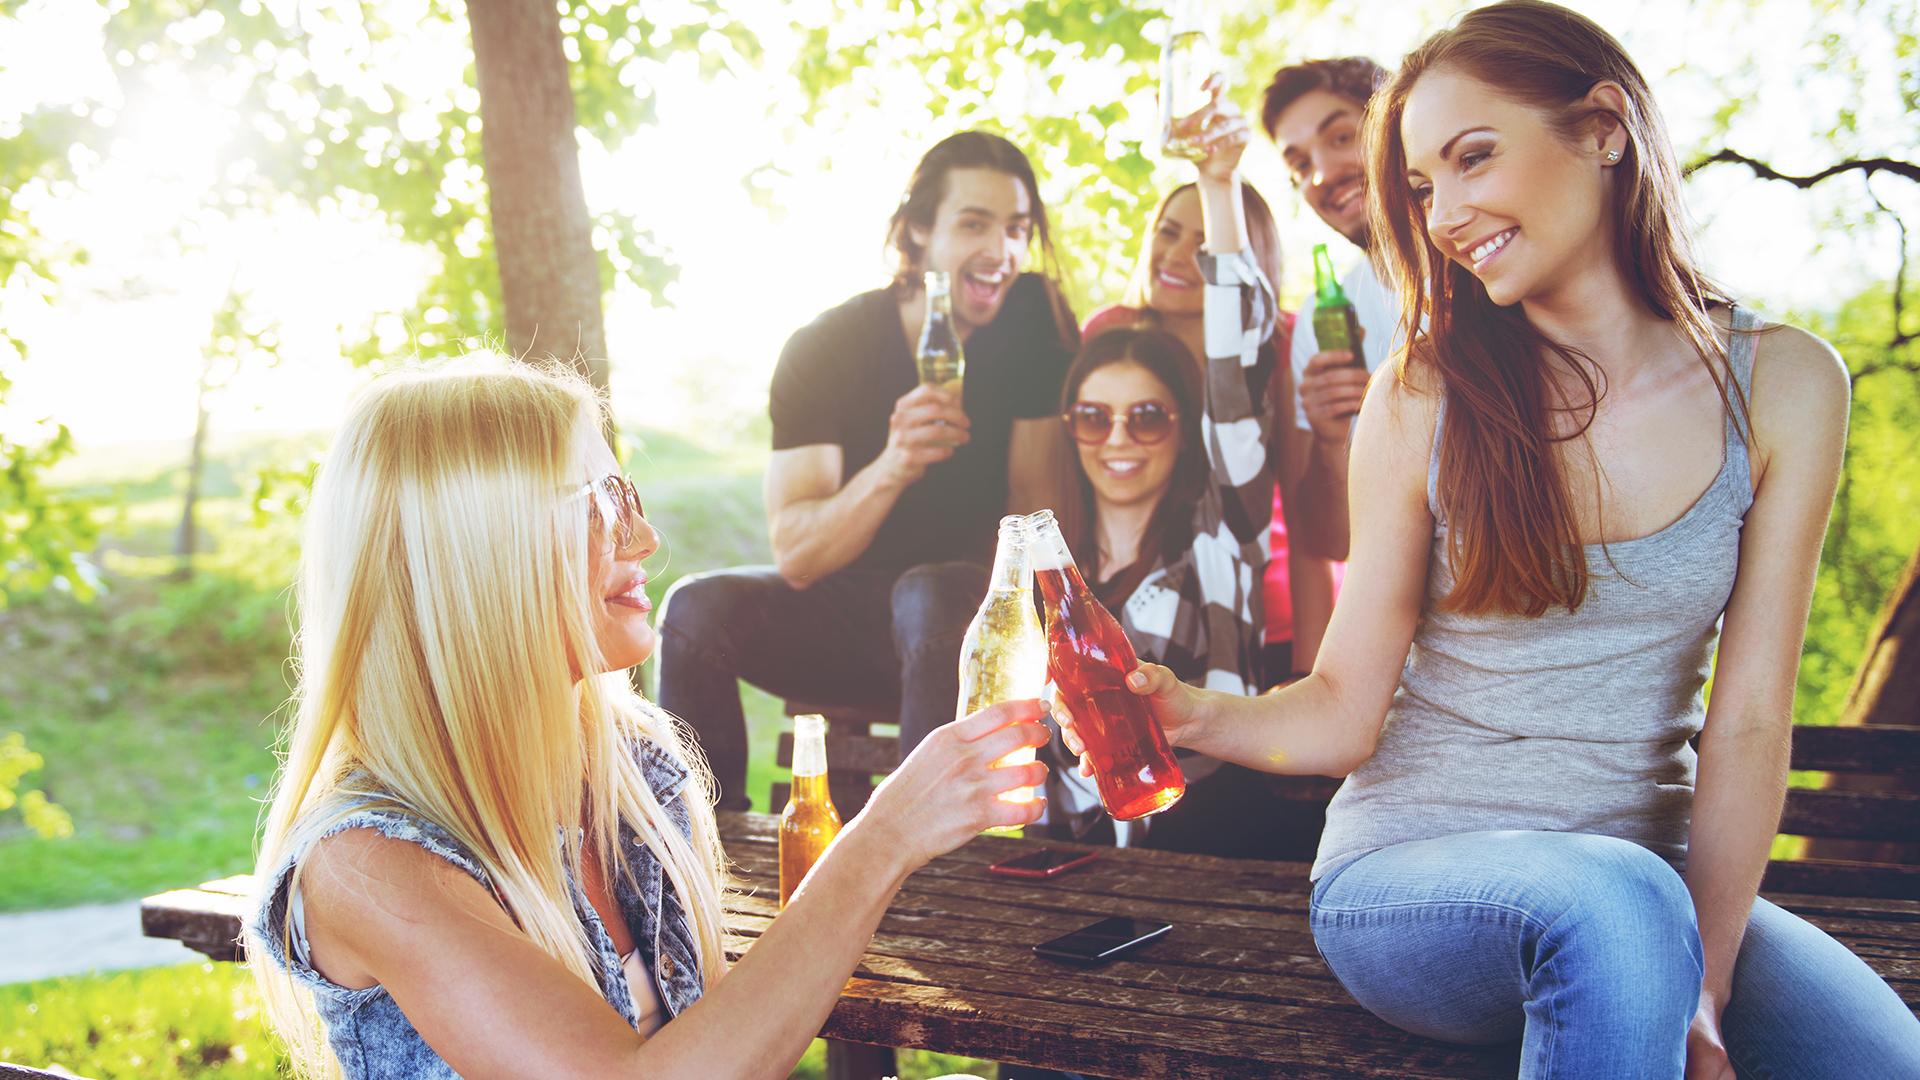 Los riesgos de las bebidas energizantes deberían equipararse a los del tabaco o a los del alcohol (Shutterstock)